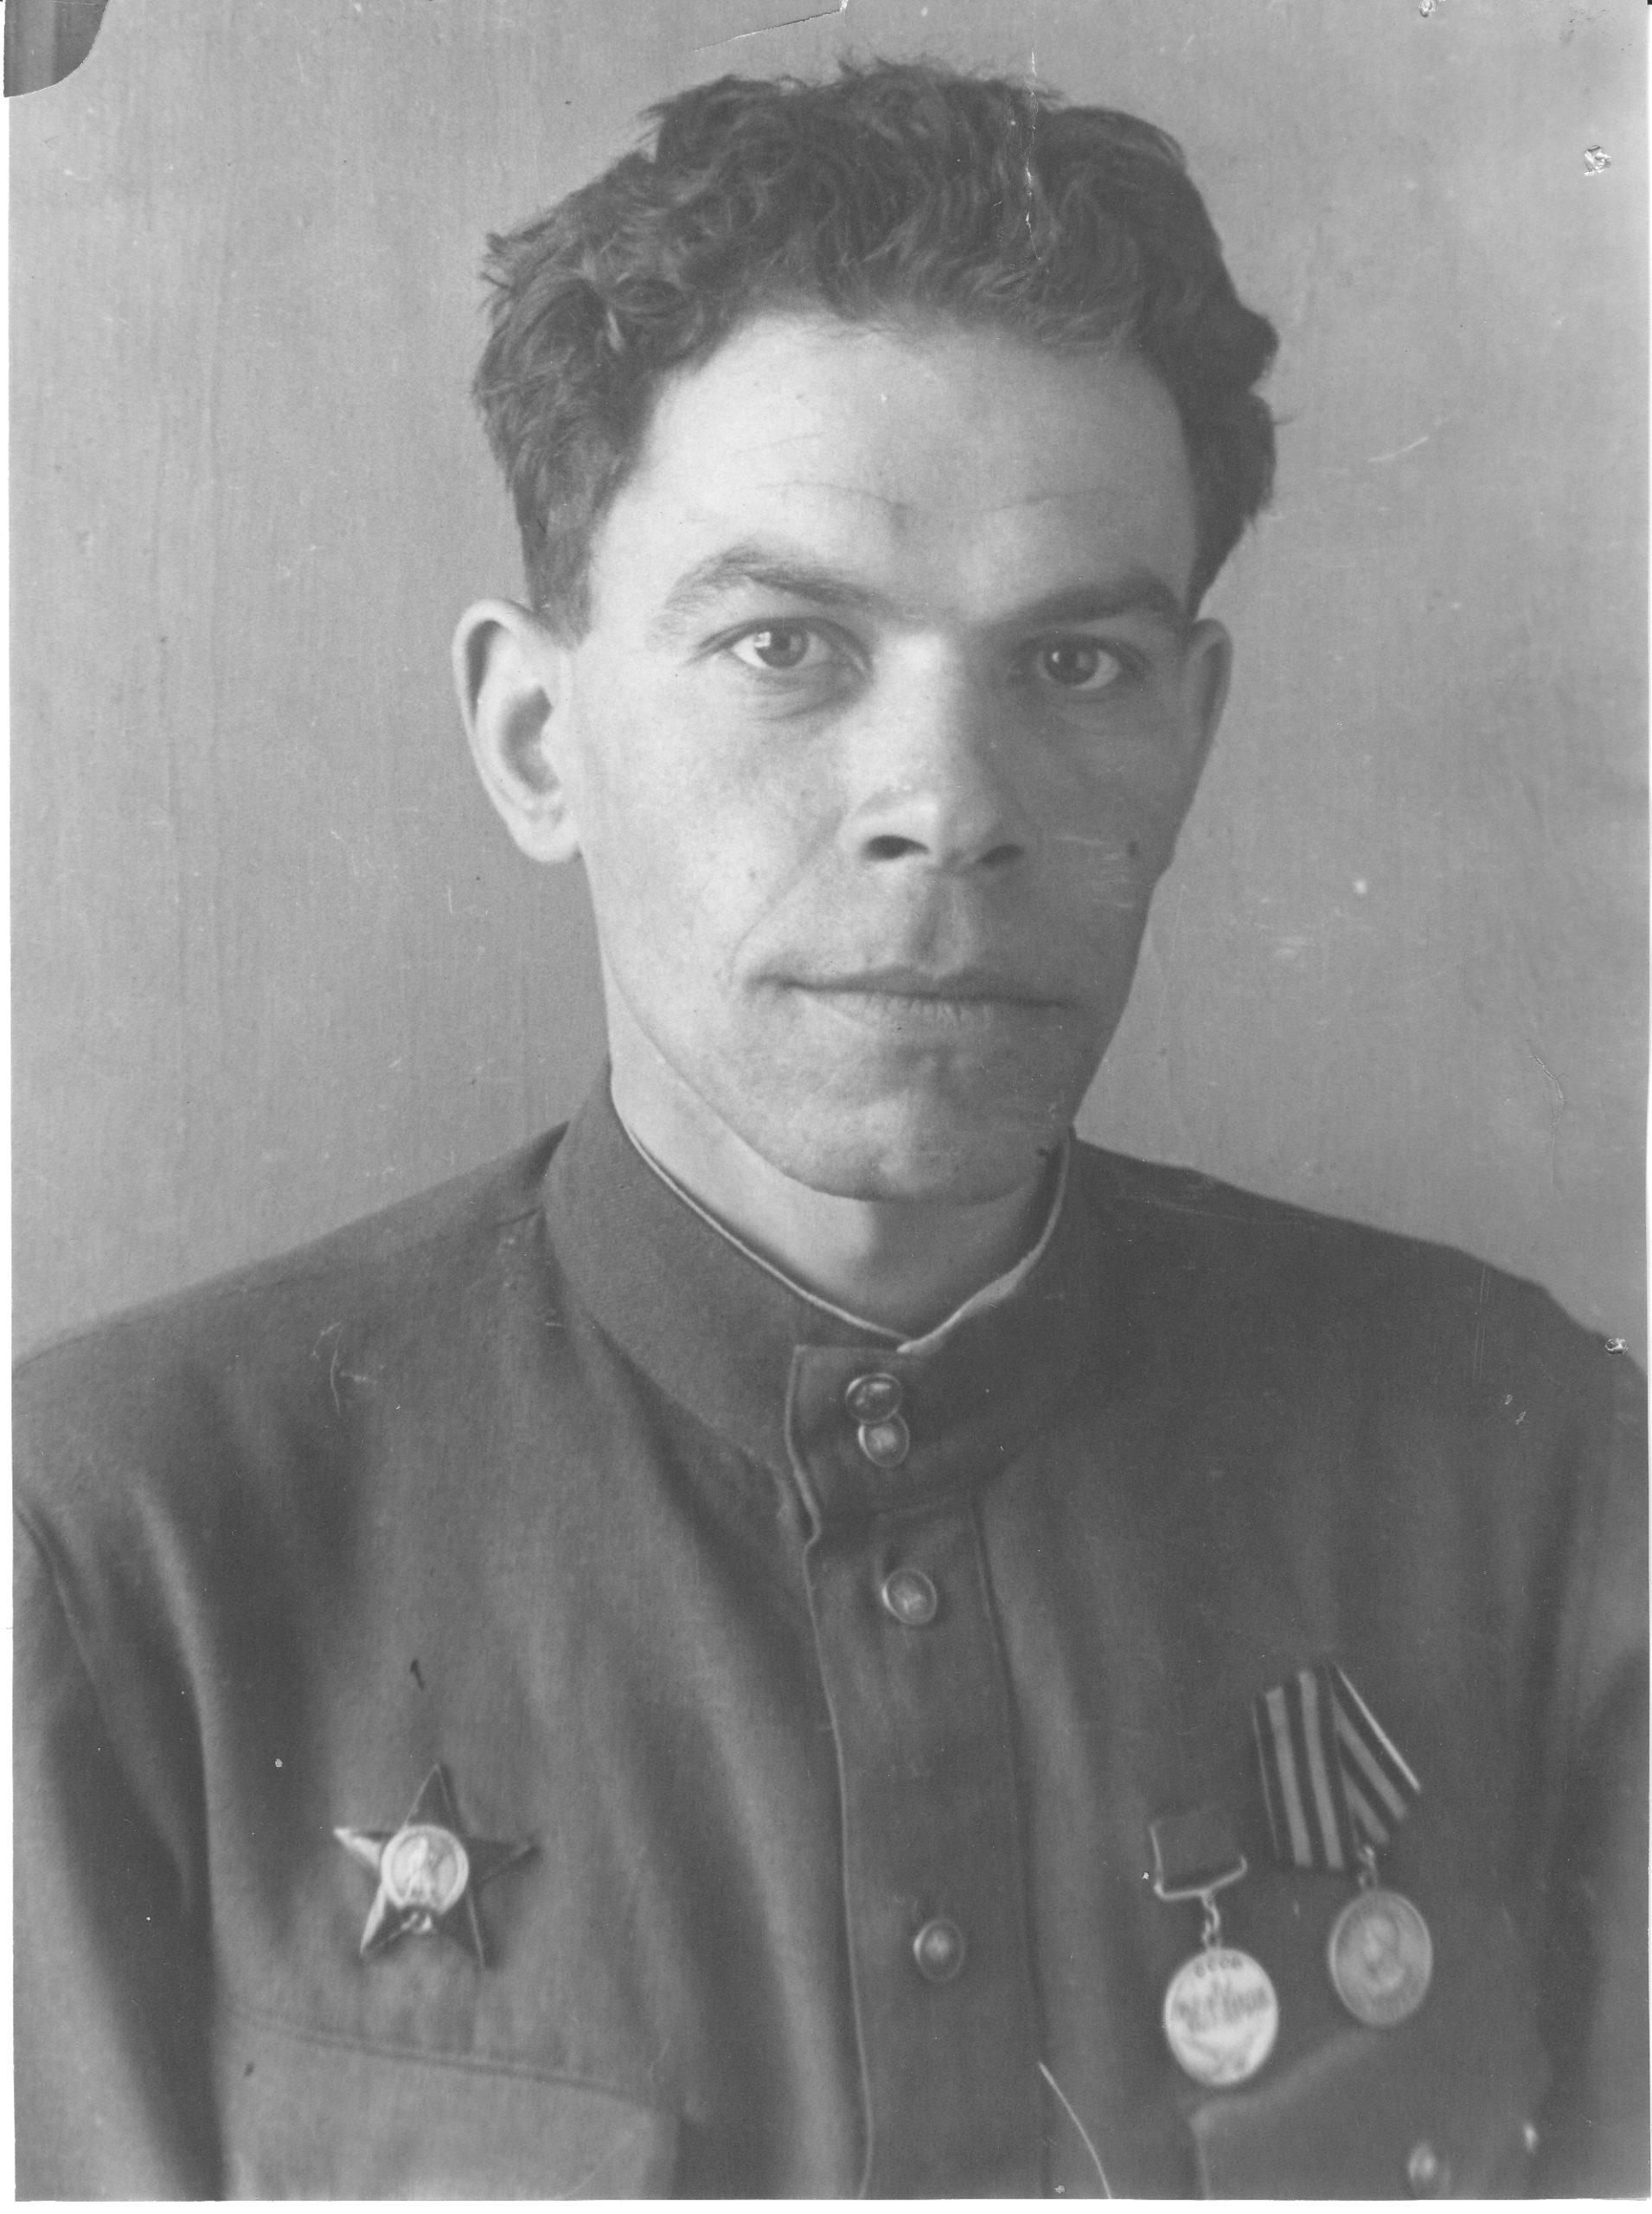 1-o-f-688ilin-mg-rabkor-gazety-udarnik-komsomolska-foto-1957g.-22-5-16-7sm-kopiya